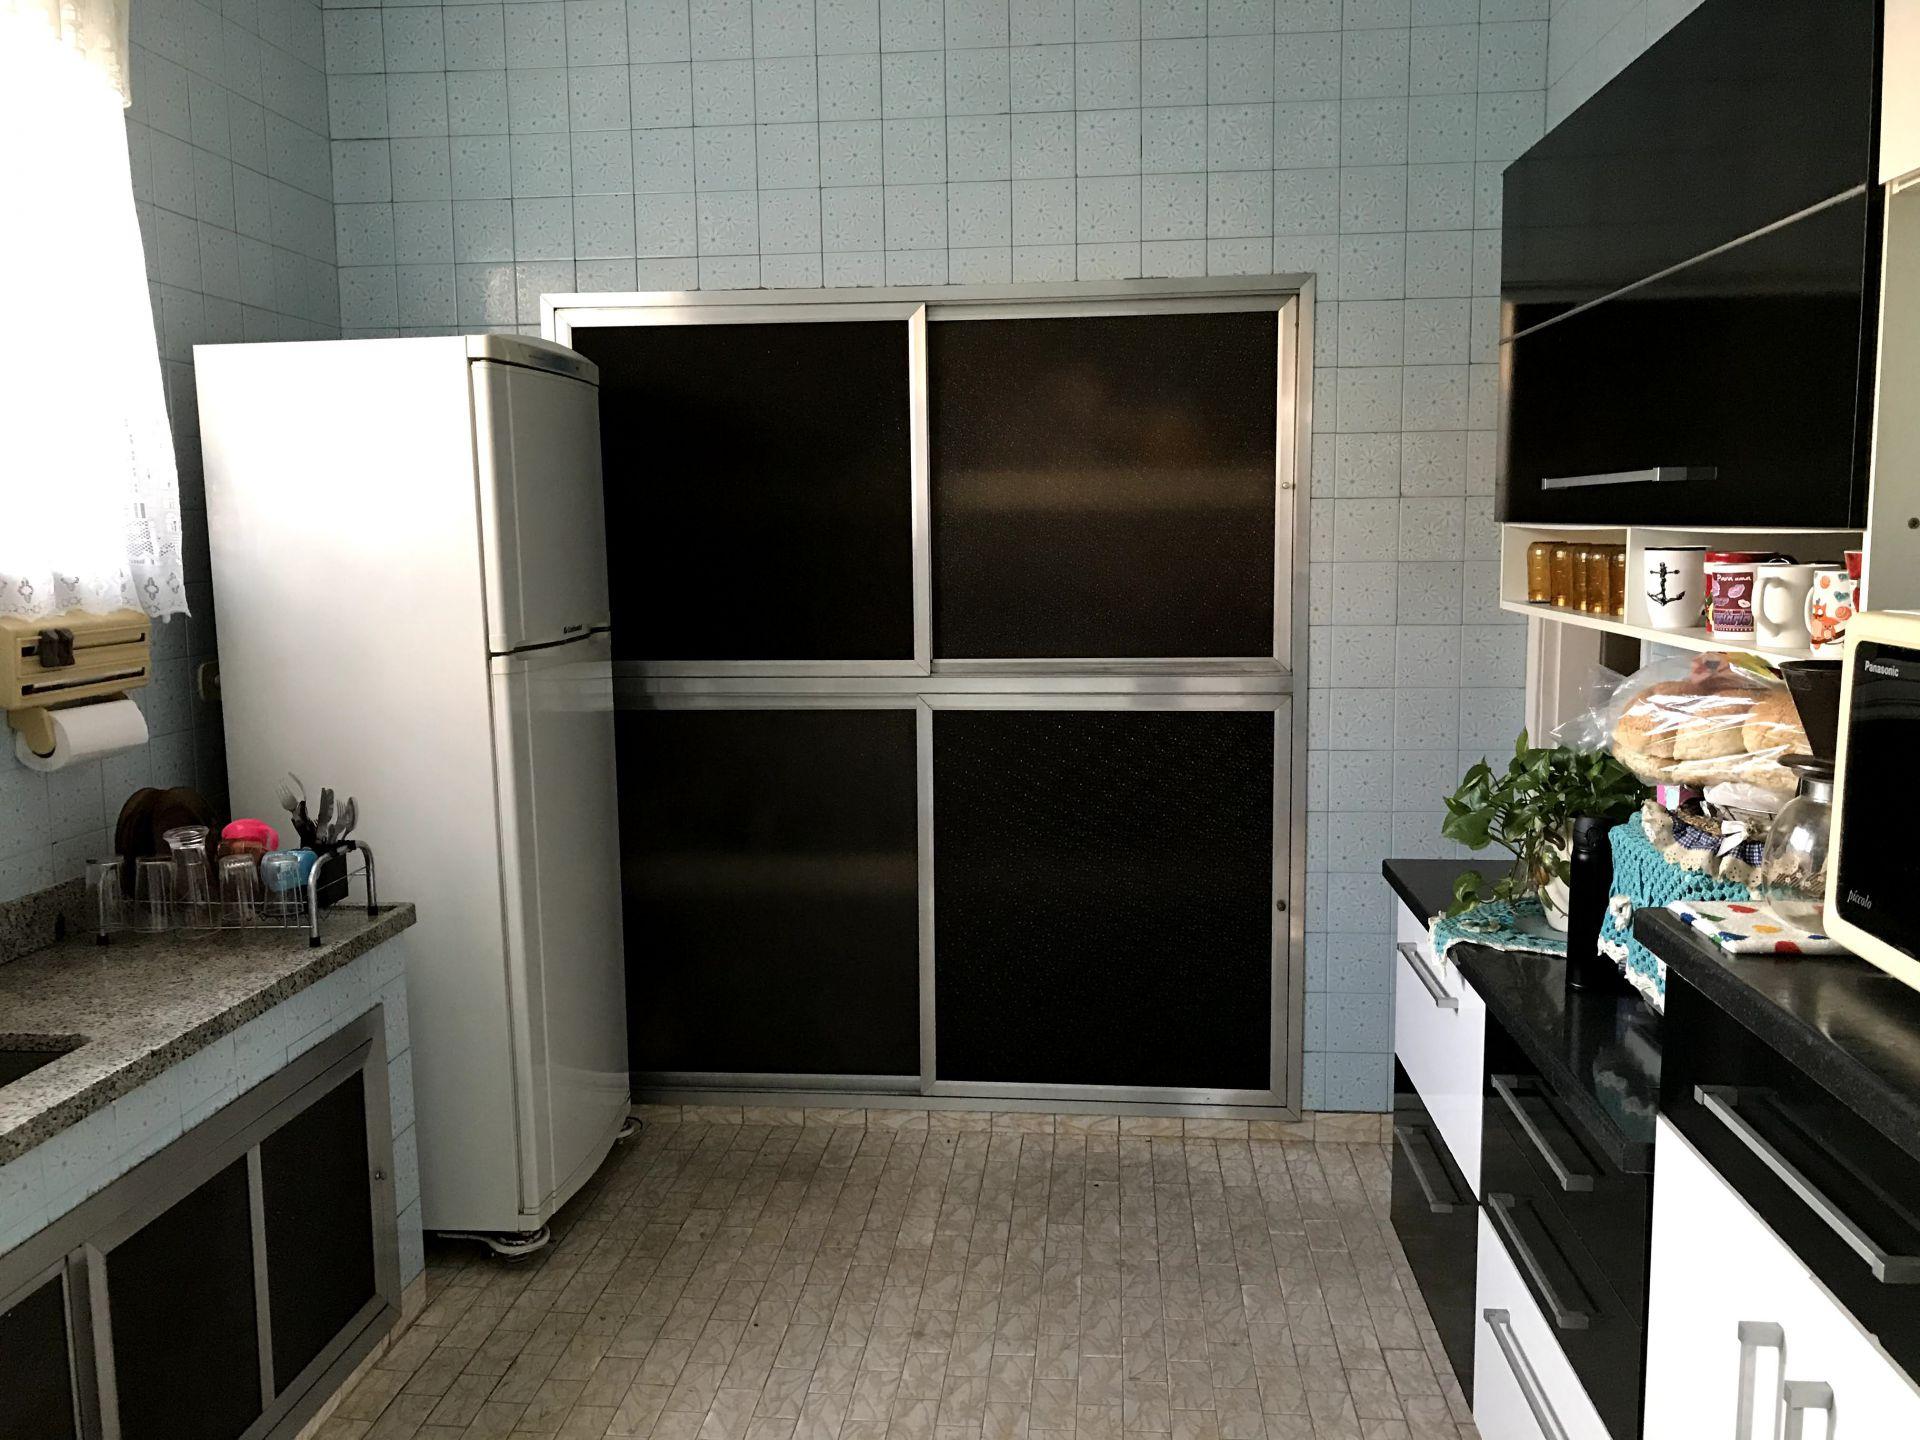 FOTO 12 - Casa à venda Rua Namur,Vila Valqueire, Rio de Janeiro - R$ 890.000 - RF269 - 13